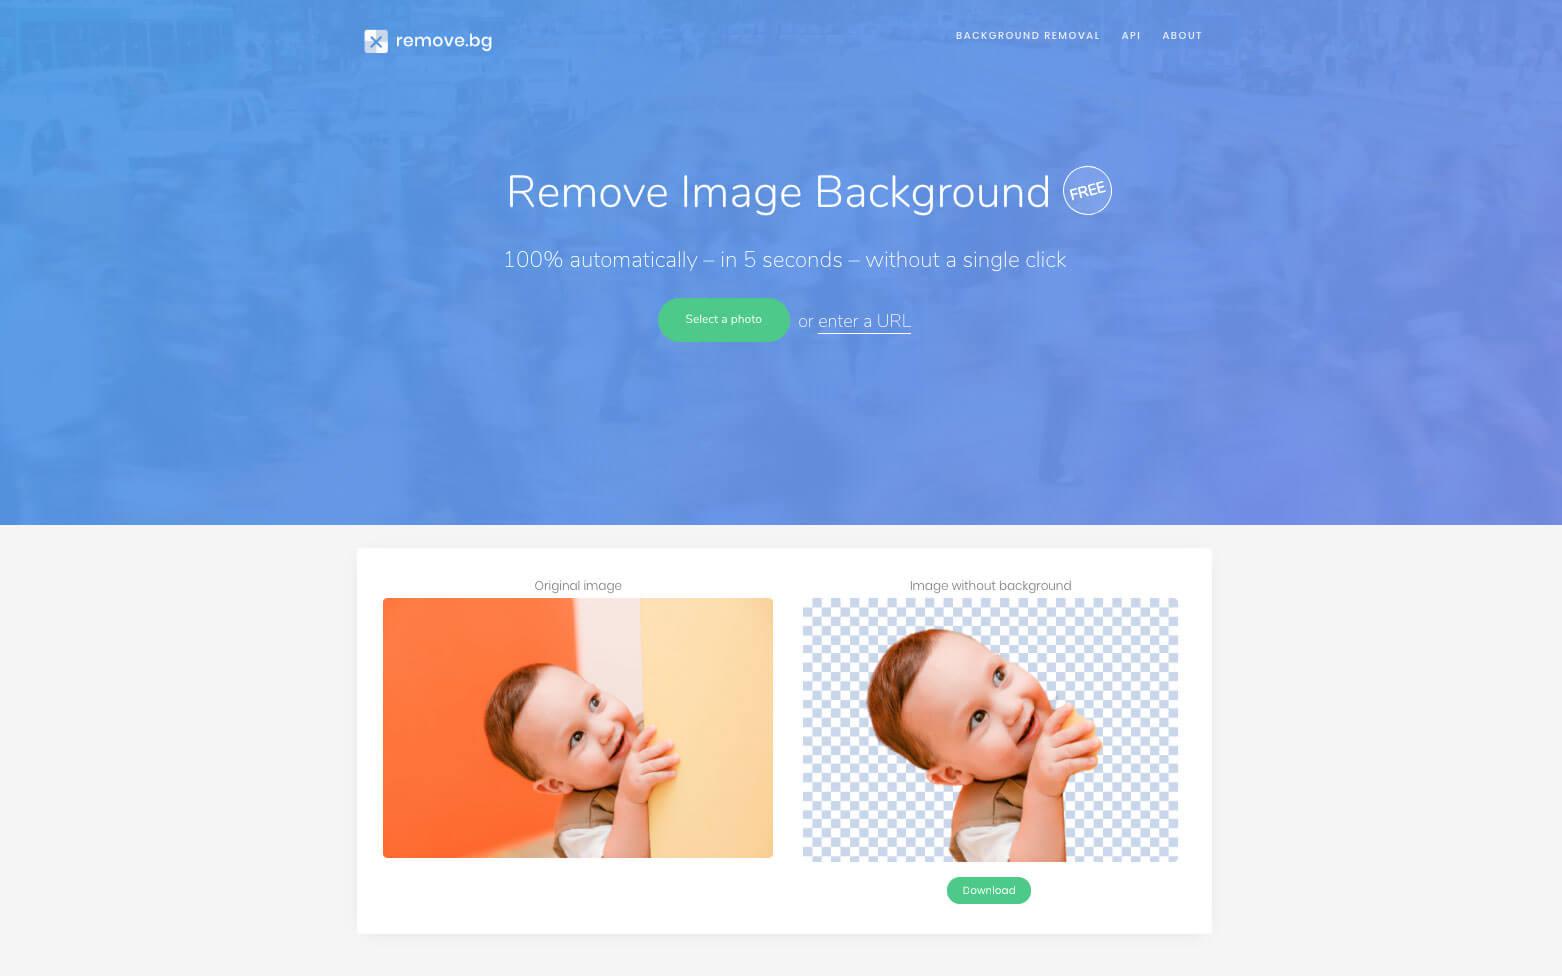 AIで完全自動!複雑な人物画像の切り抜きを5秒で行う無料オンラインサービス remove.bg